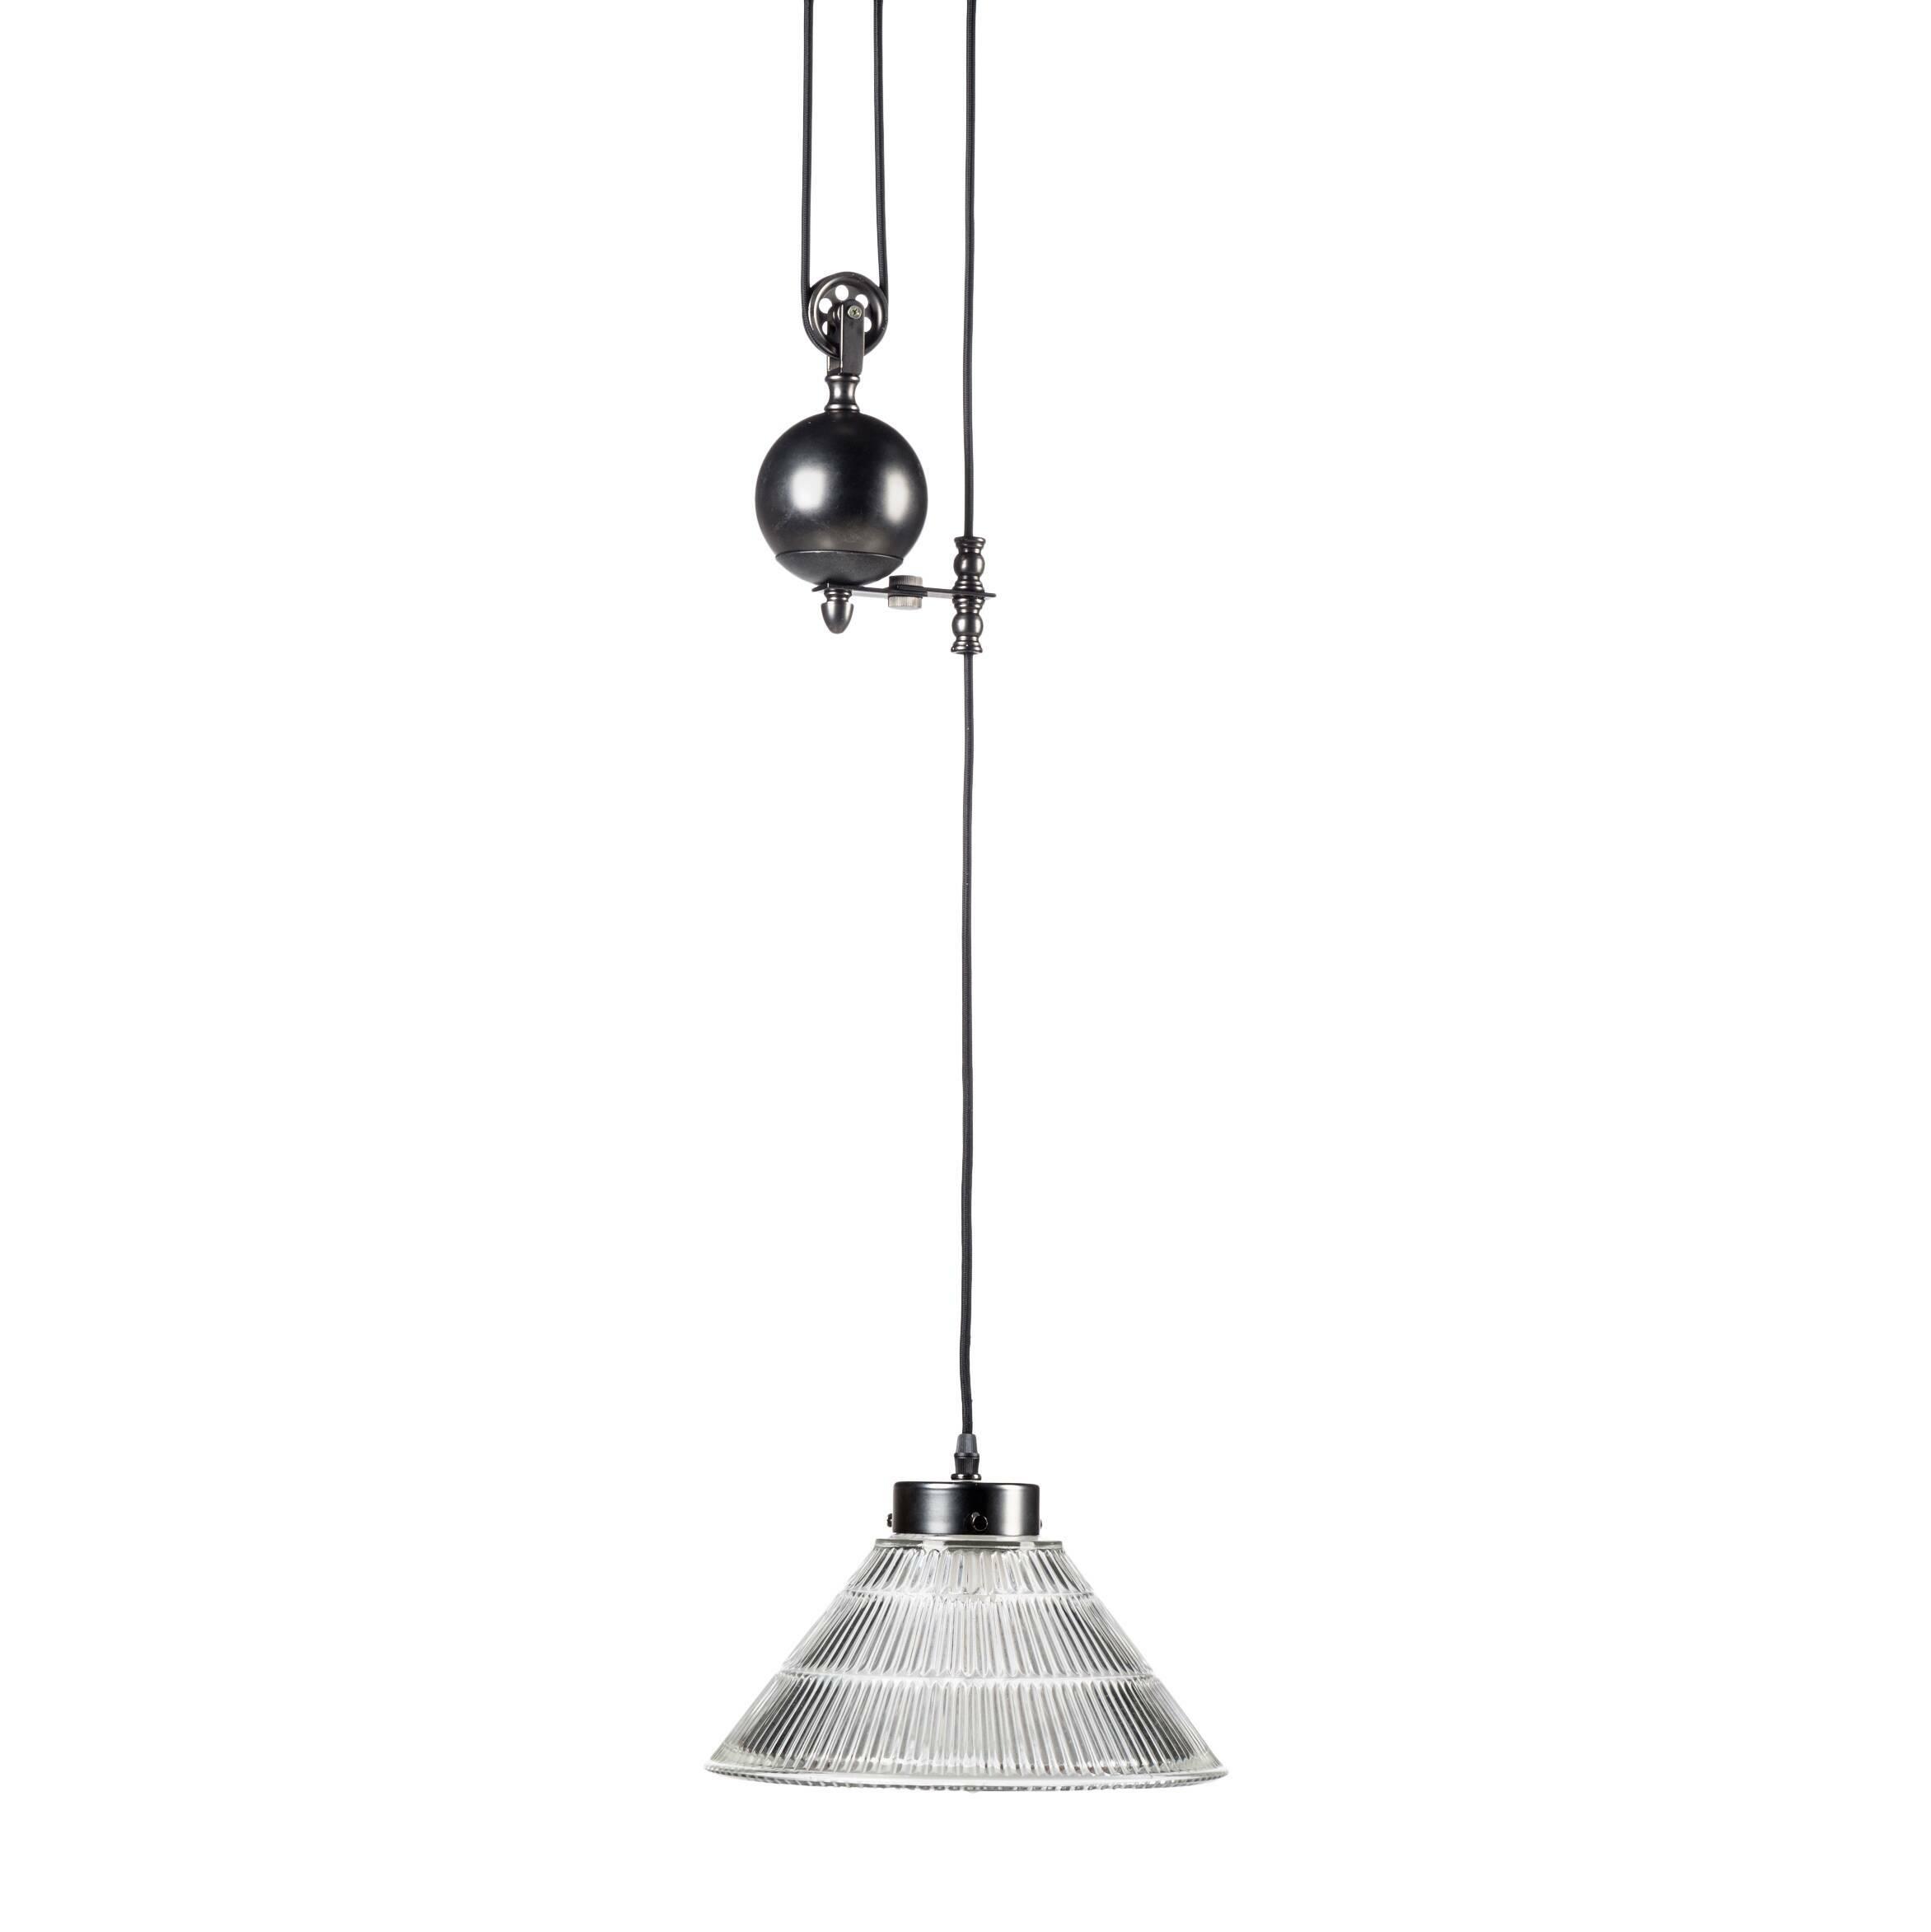 Подвесной светильник Pulley GlassconeПодвесные<br>Когда-то в старинных светильниках лебедка была вещью необходимой, иначе как по-другому было поднять наверх тяжелые свечи, которые использовались в люстрах? С изобретением электричества подъемные механизмы не ушли в небытие, а перепрофилировались — с их помощью стали чистить сложные хрустальные конструкции люстр, канделябров и светильников. Ну а в нашу эру высоких технологий лебедка не столько практичная вещь, которая поддерживает люстру и помогает регулировать ее высоту, но главным образо...<br><br>stock: 0<br>Высота: 20<br>Диаметр: 25<br>Количество ламп: 1<br>Материал абажура: Стекло<br>Материал арматуры: Сталь<br>Ламп в комплекте: Нет<br>Напряжение: 220<br>Тип лампы/цоколь: E27<br>Цвет абажура: Прозрачный